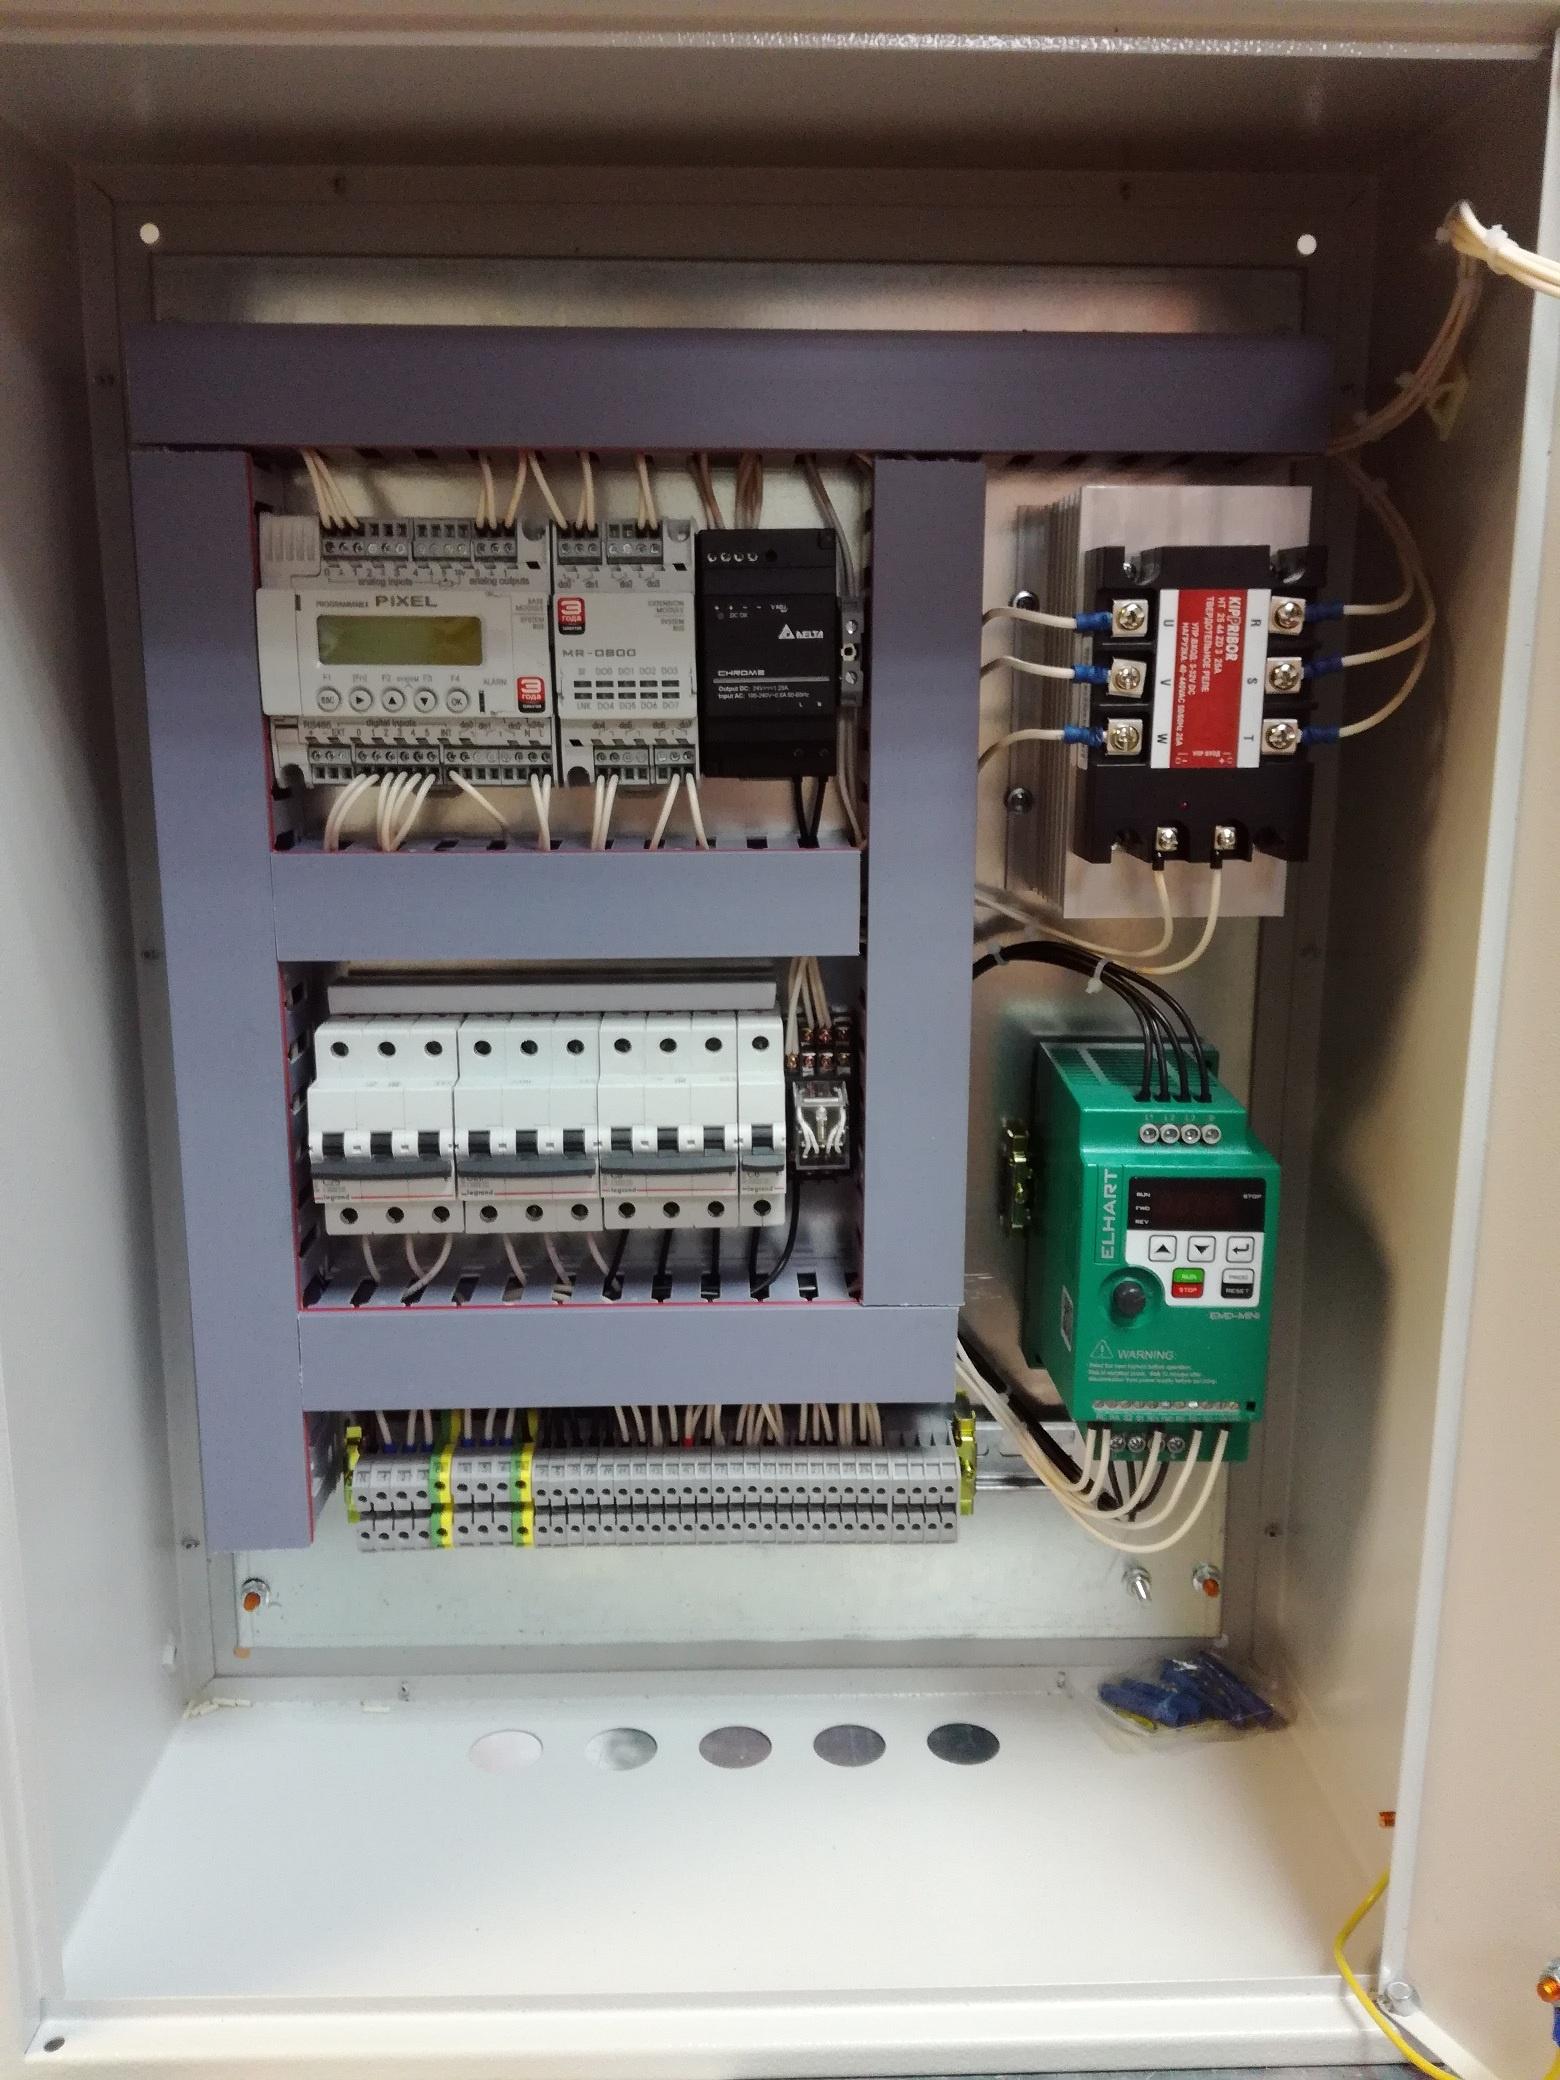 ПЛК от производителей Овен, Segnetics и Schneider Electric для HVAC - 6